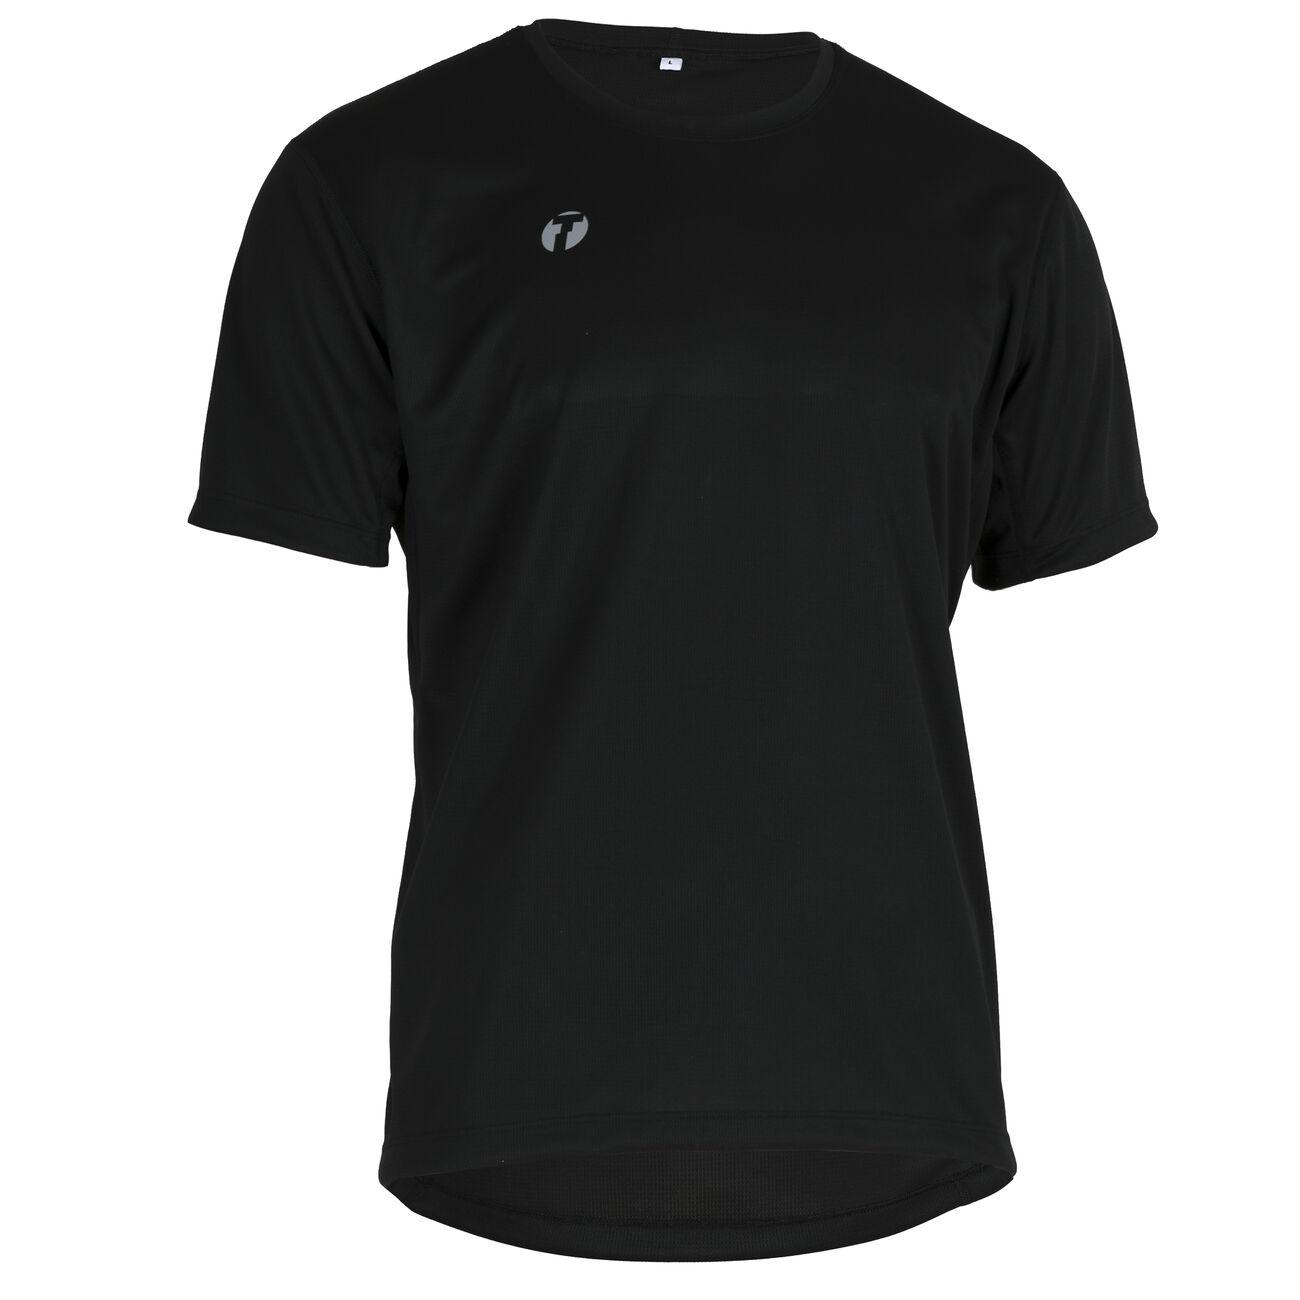 Promo t-shirt herr